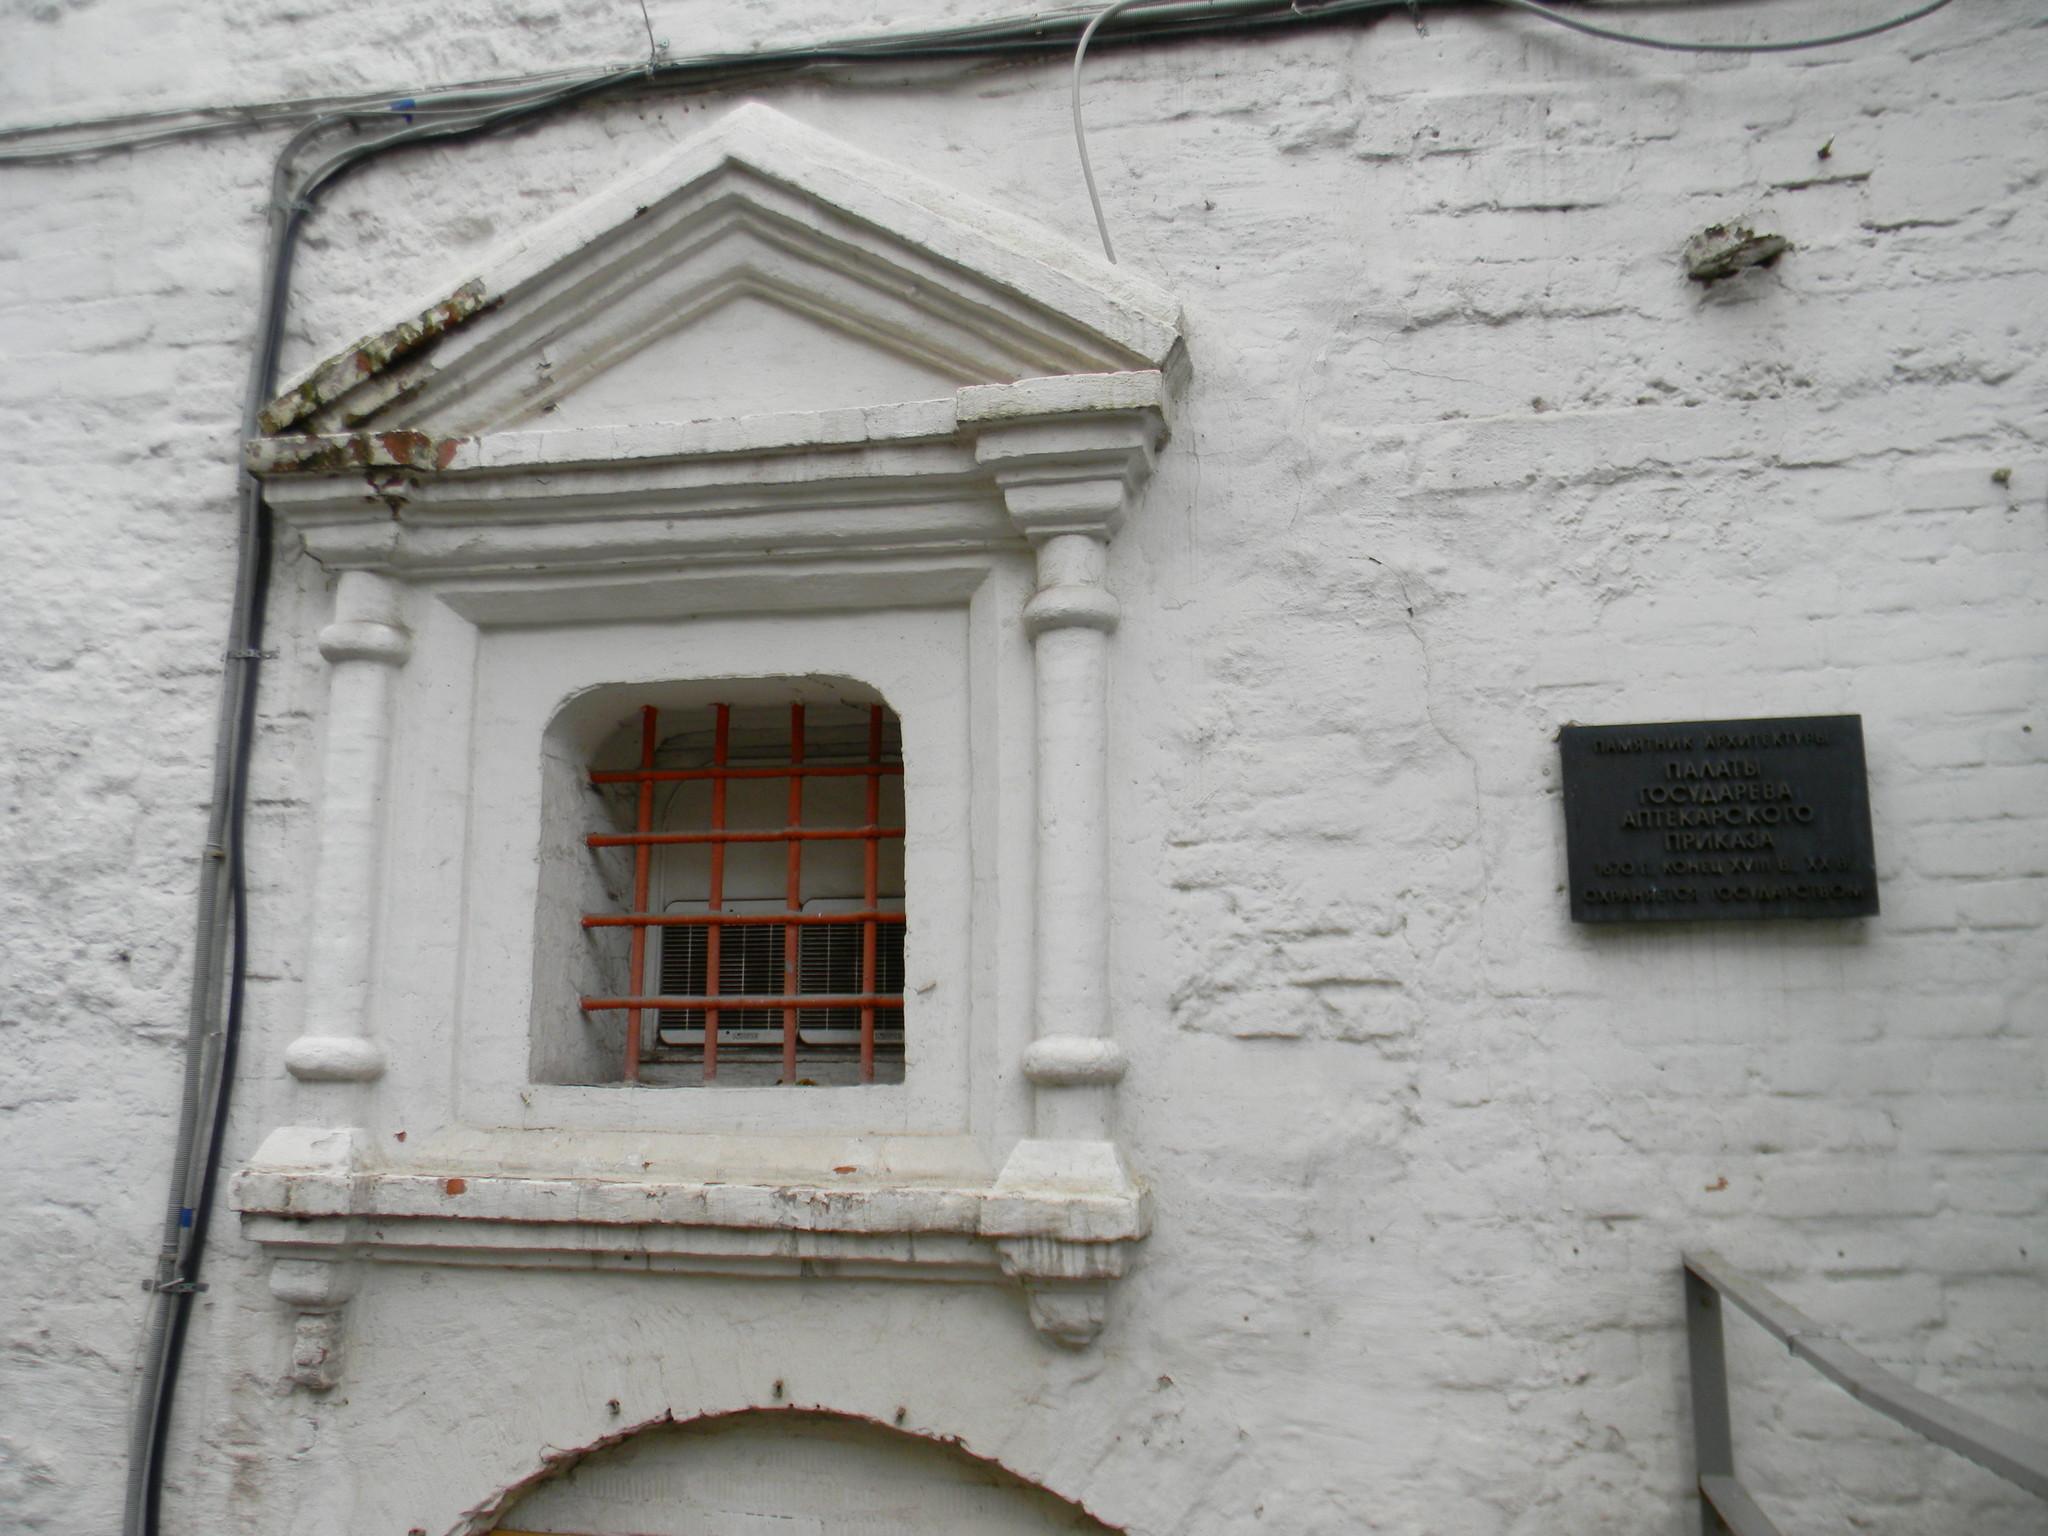 Трапезная палата XVII века, расположенная в здании Аптекарского приказа